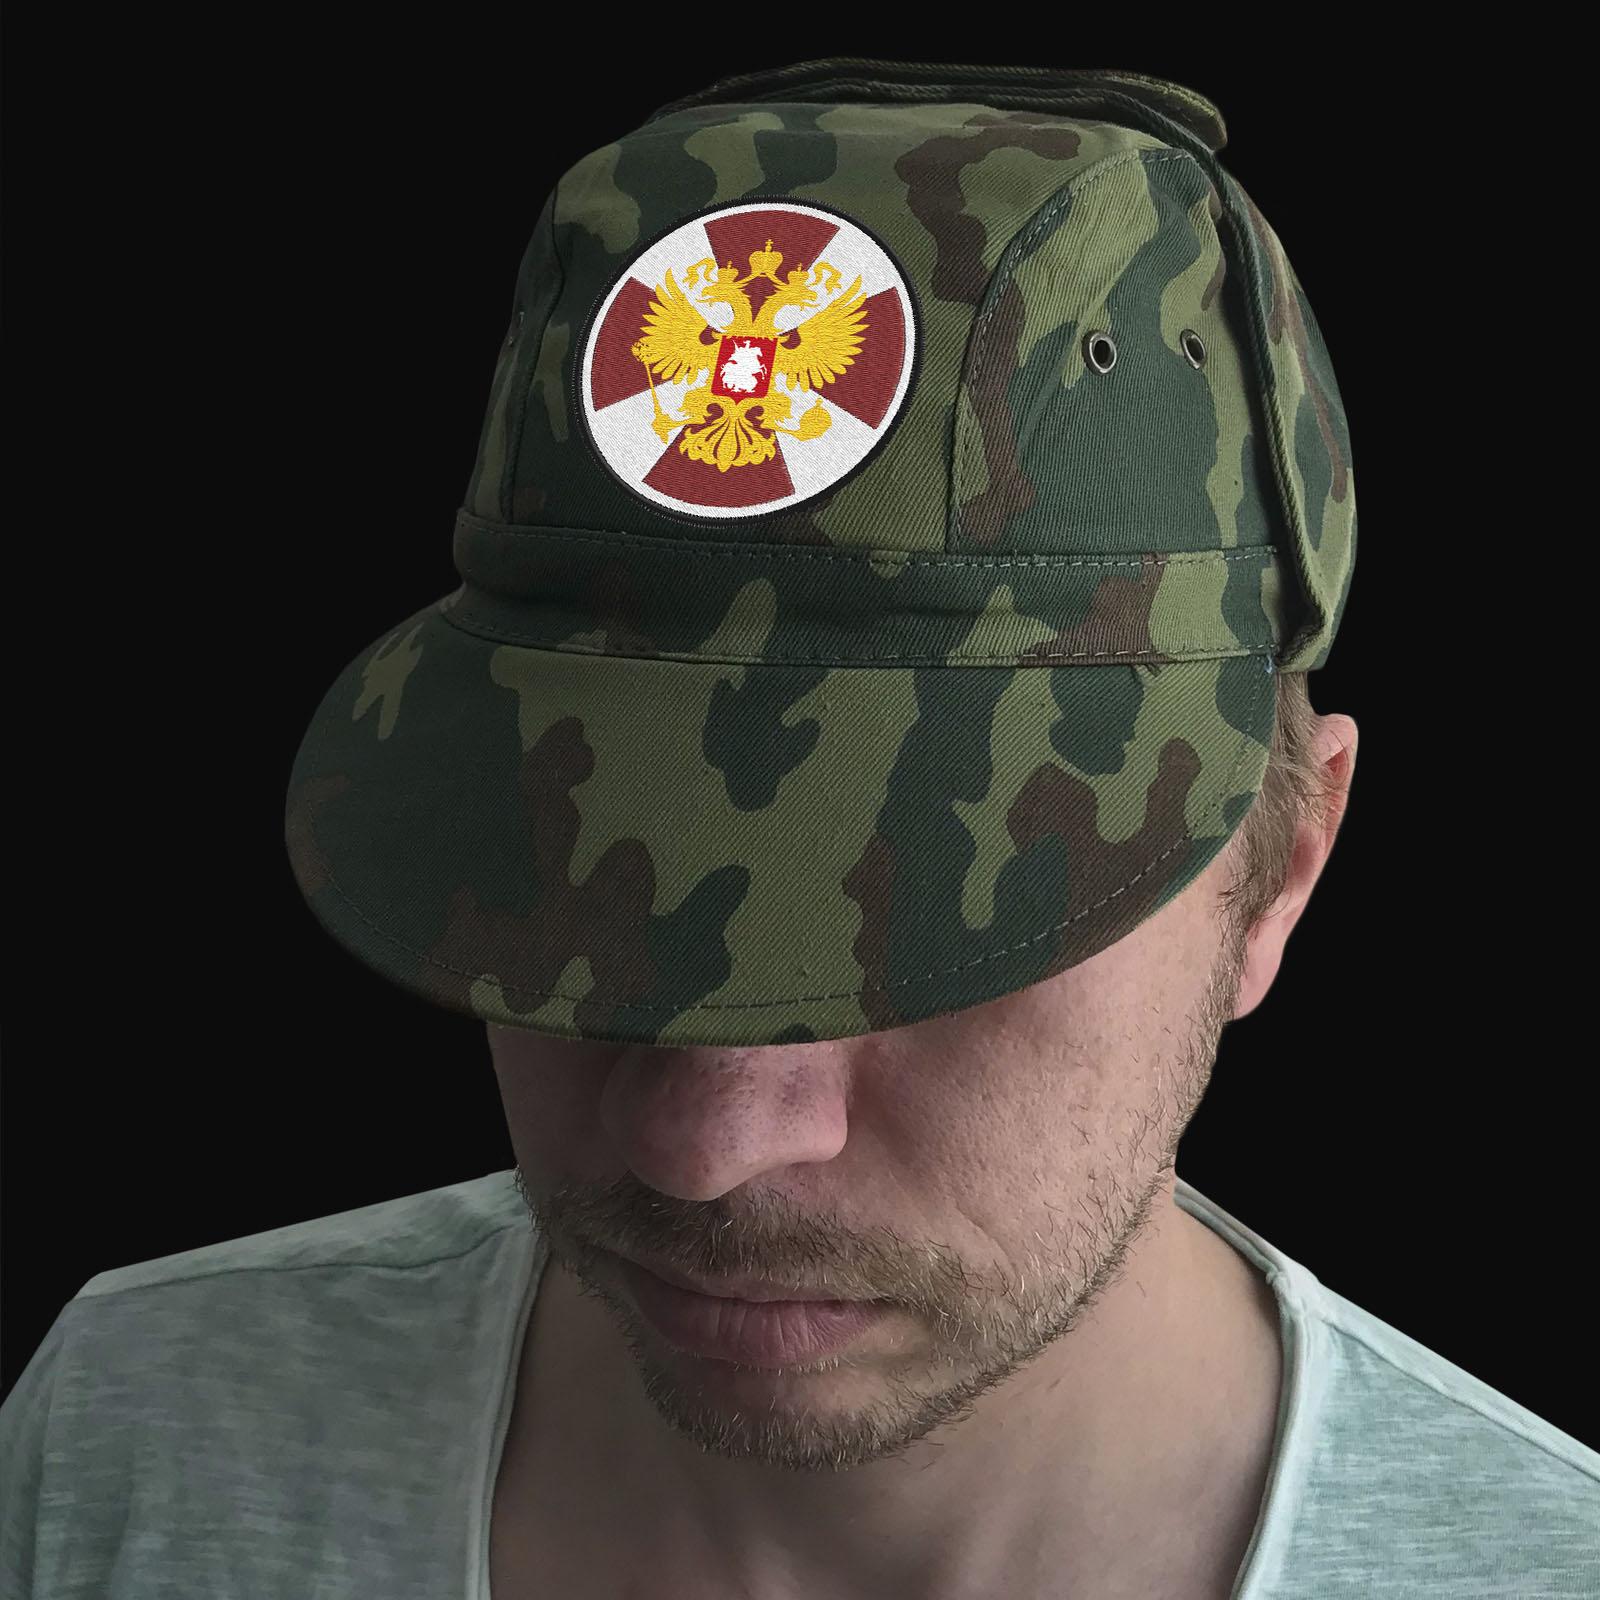 Форменная кепка с эмблемой Внутренних Войск России